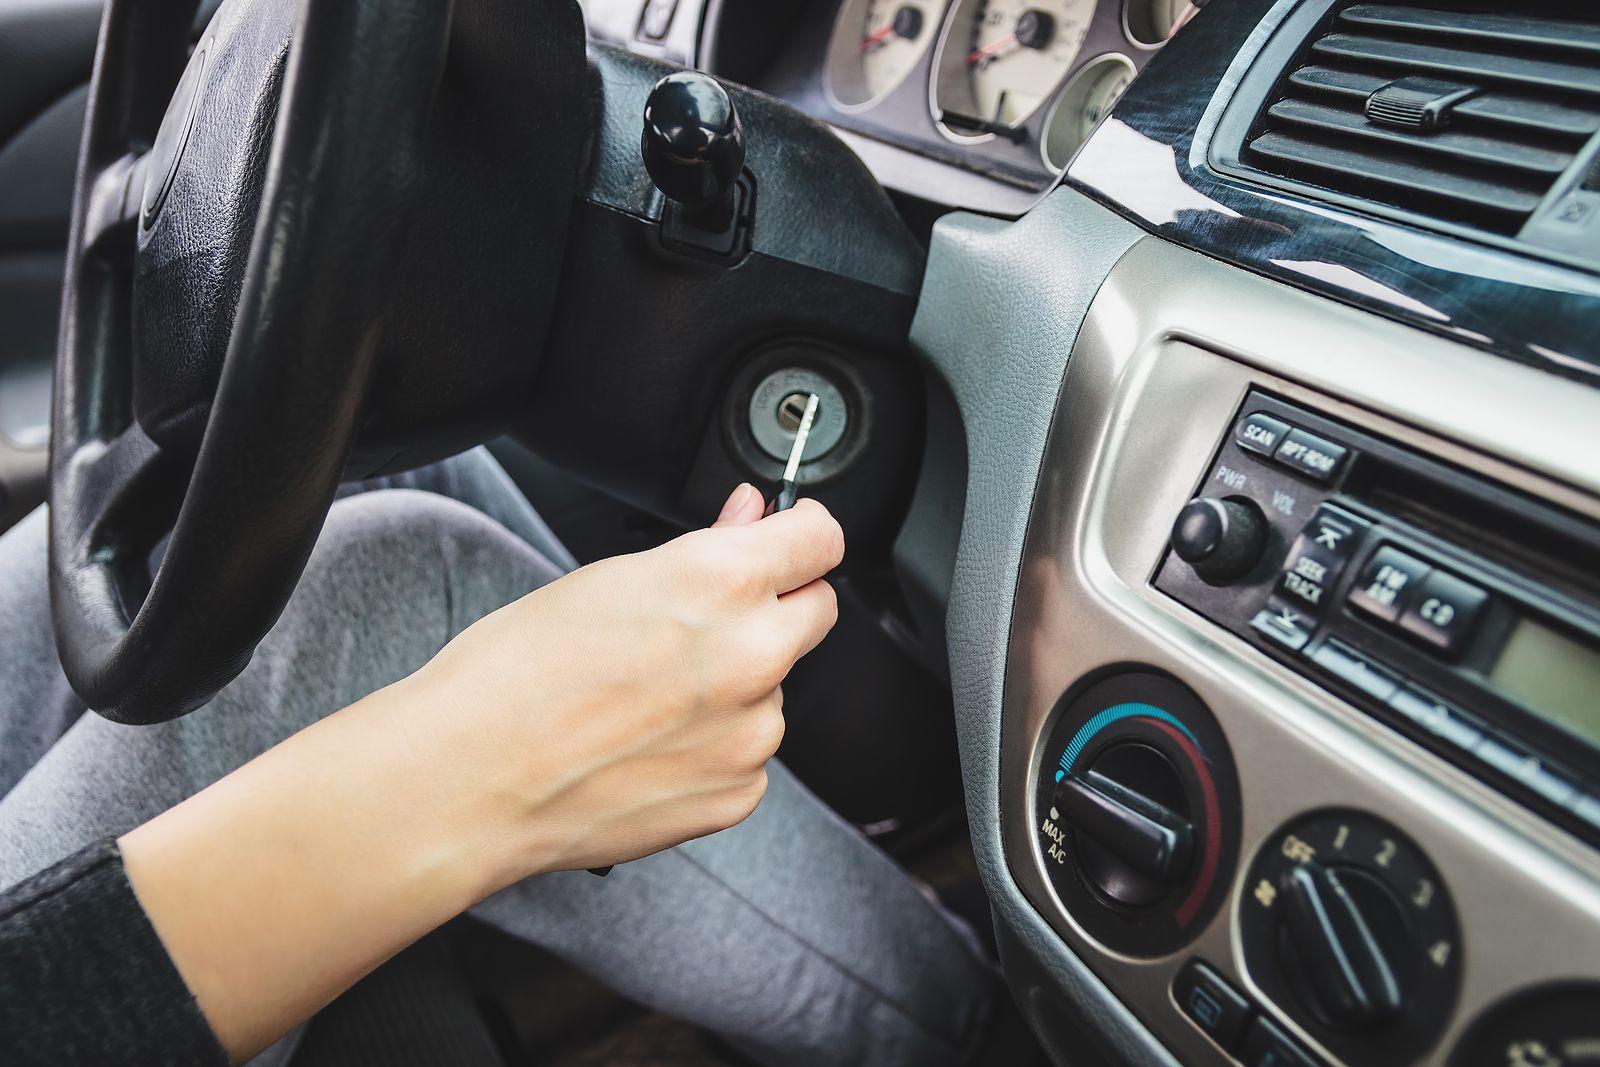 broken car ignition key